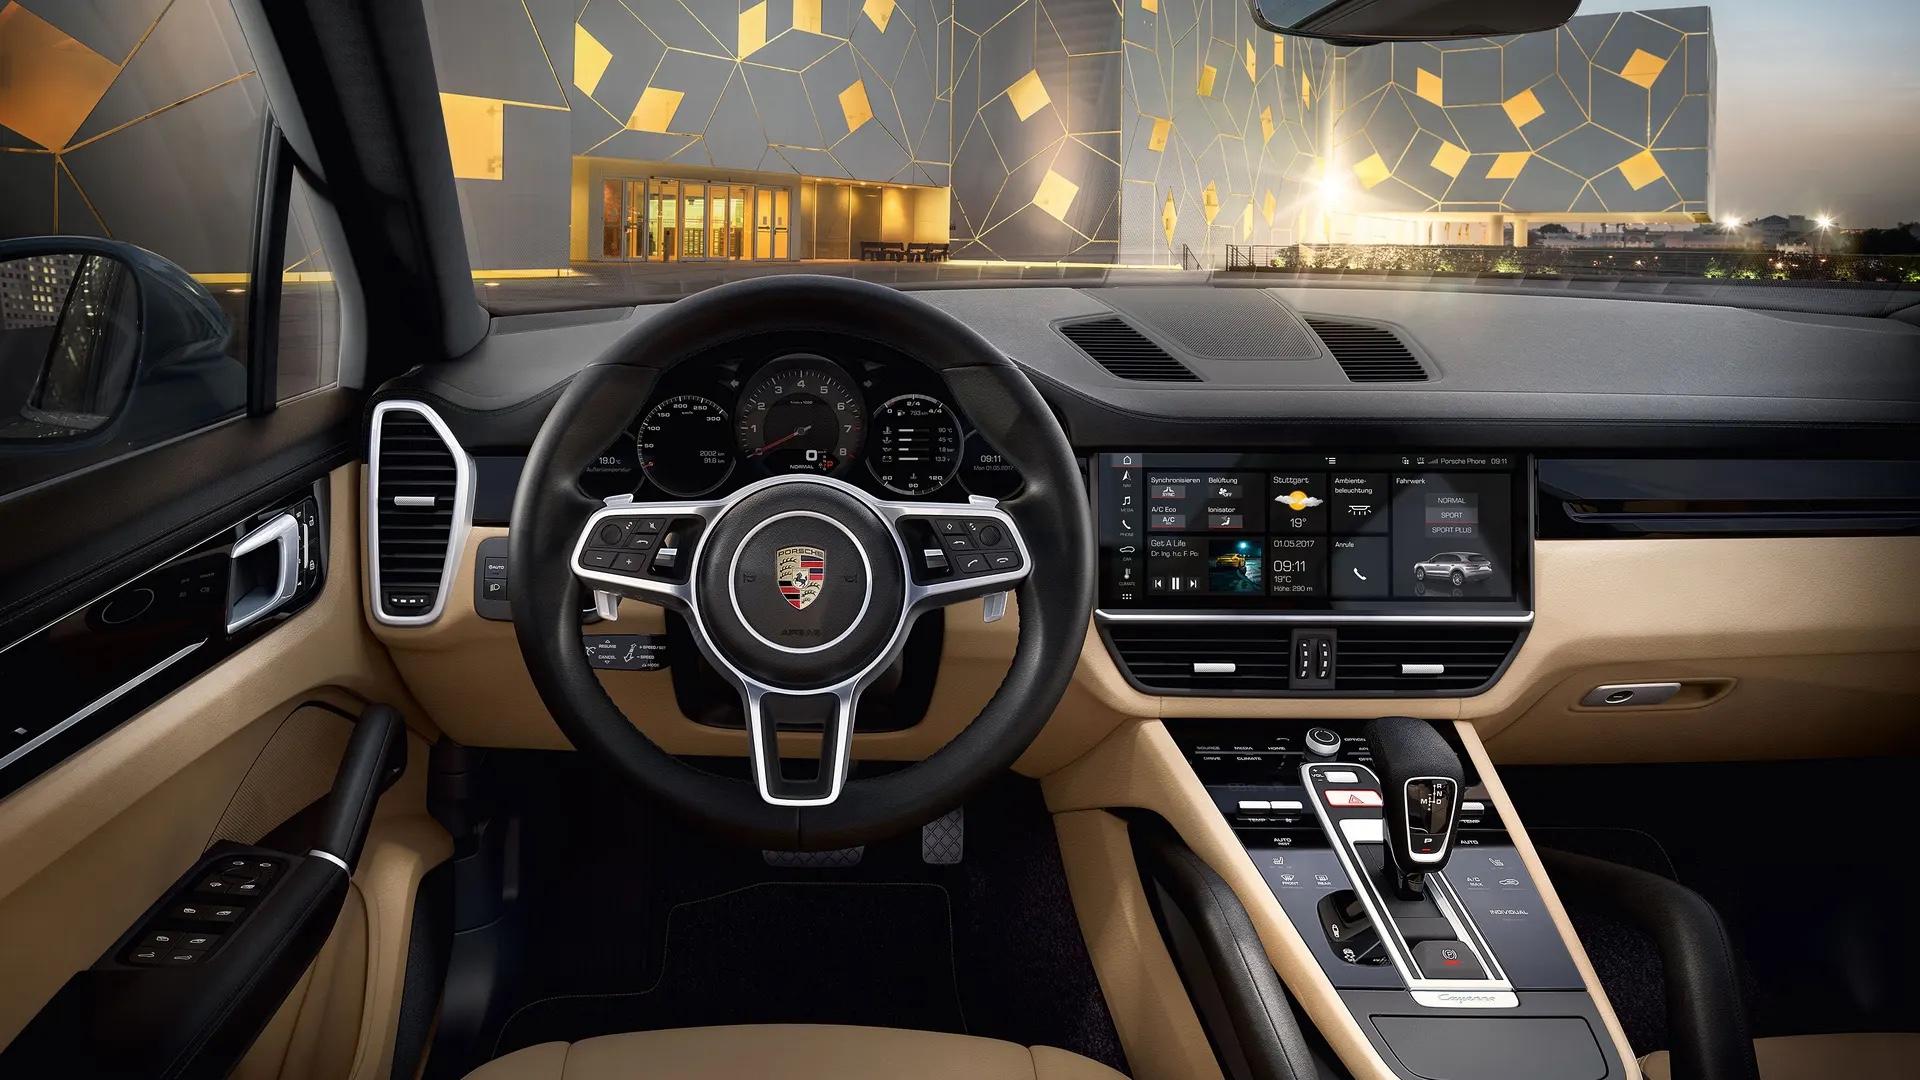 Porsche Cayennen ohjaamo kuljettajan näkökulmasta.